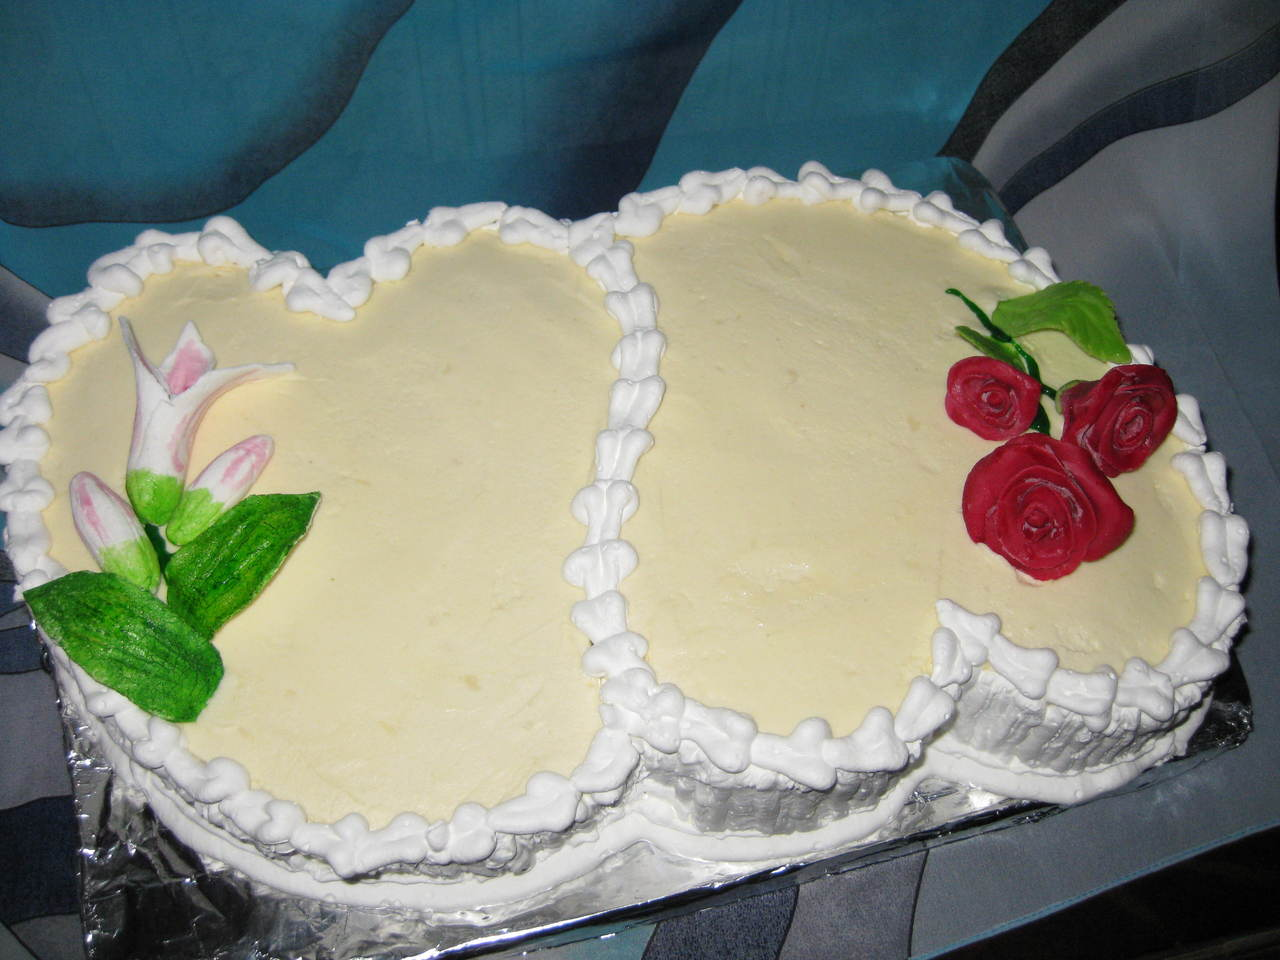 Как украсить торт в виде сердца в домашних условиях фото